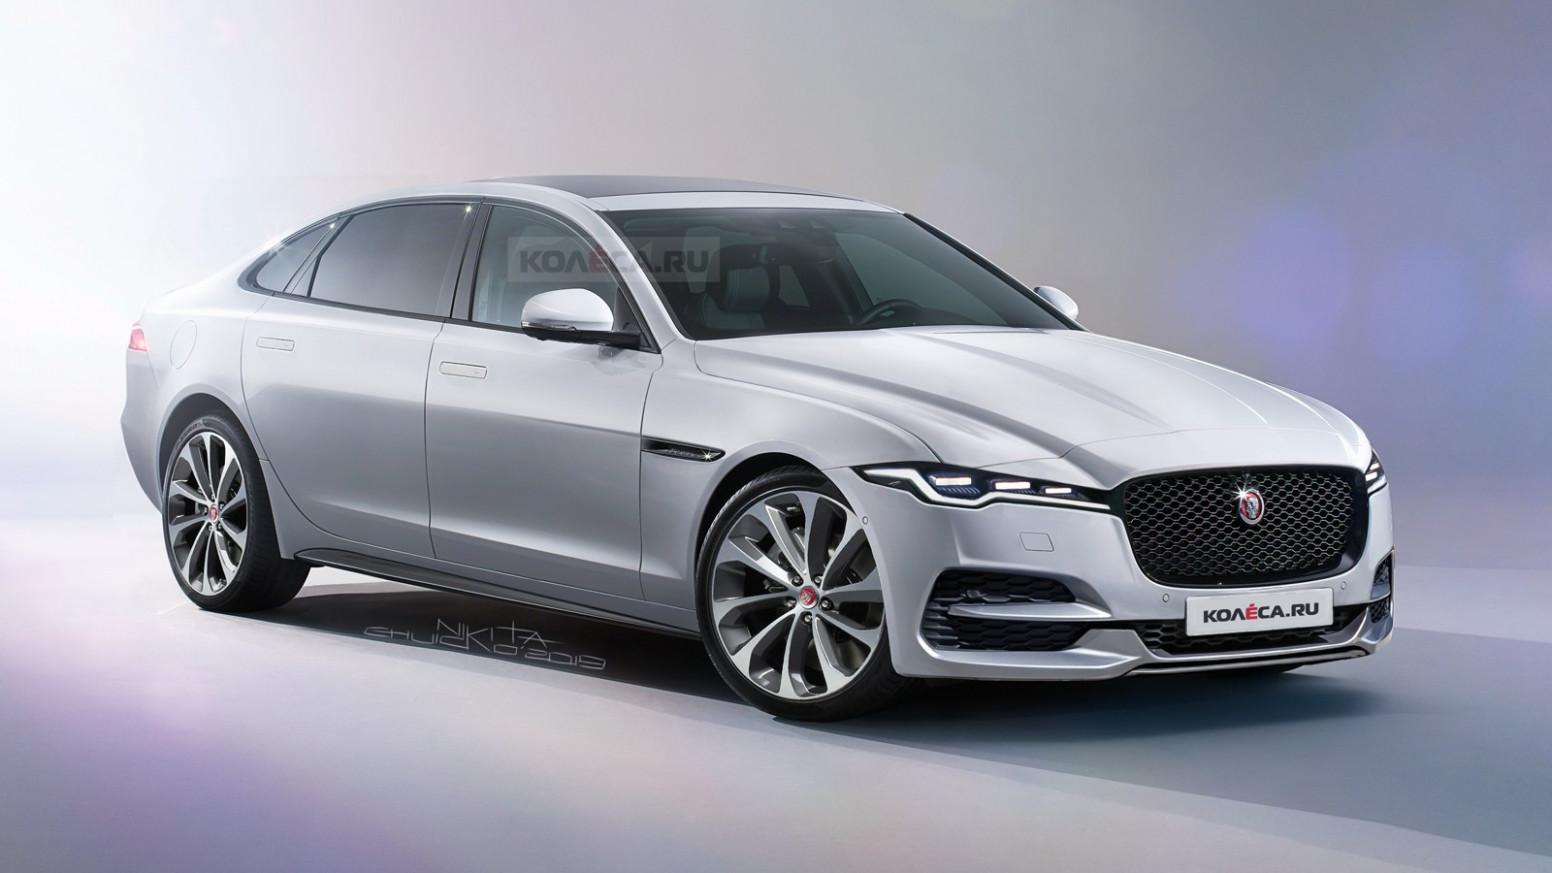 Exterior Jaguar News 2022